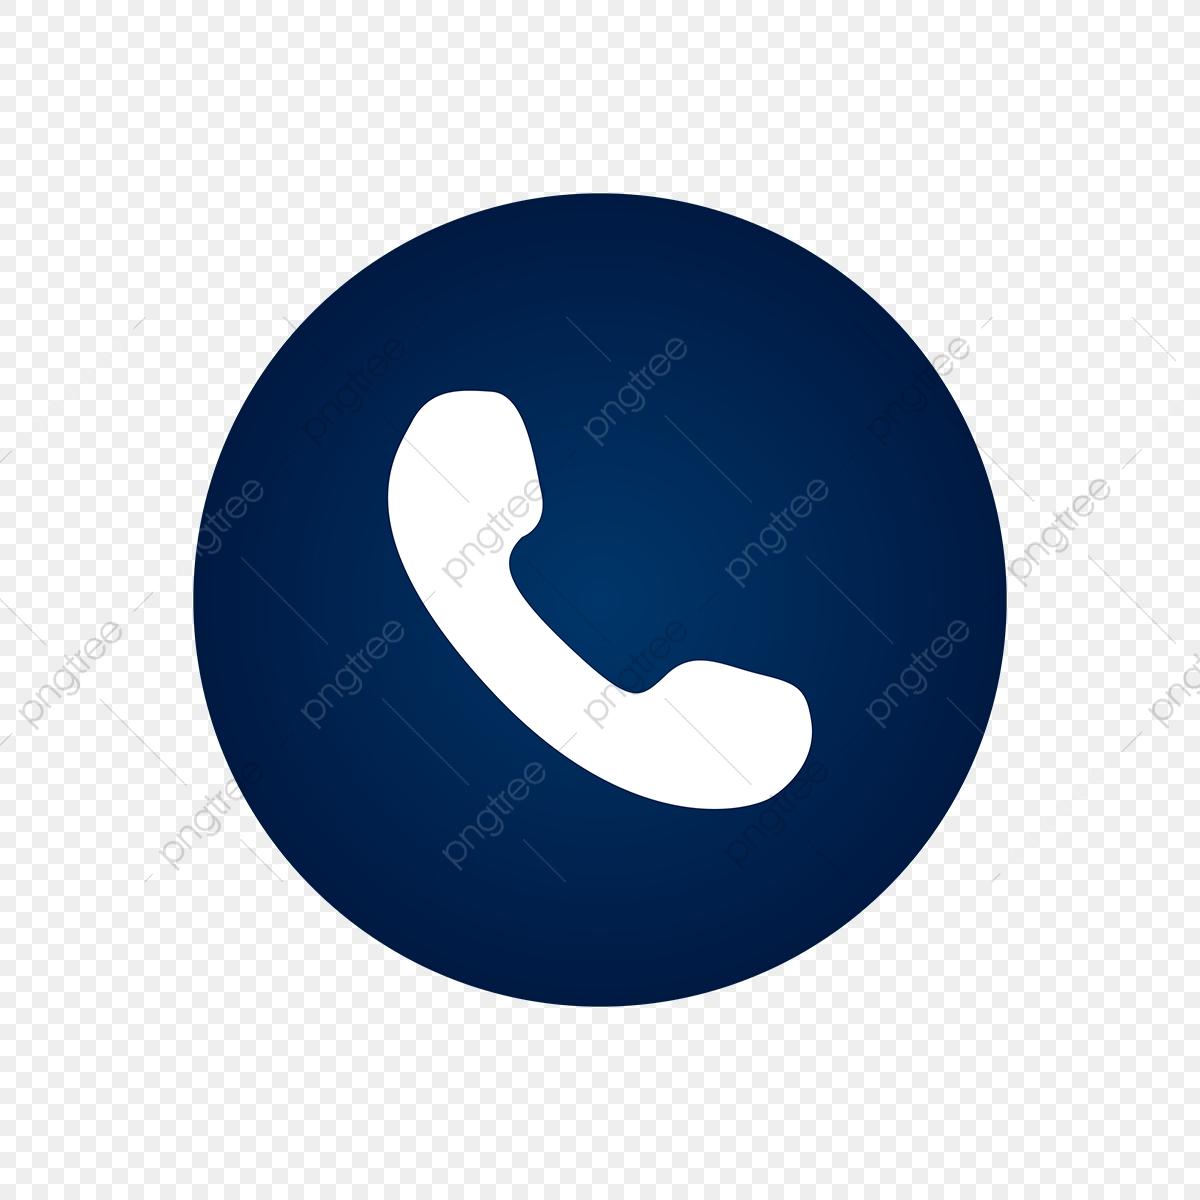 Icono Del Telefono, Icono, Signo, Símbolo PNG y Vector para.